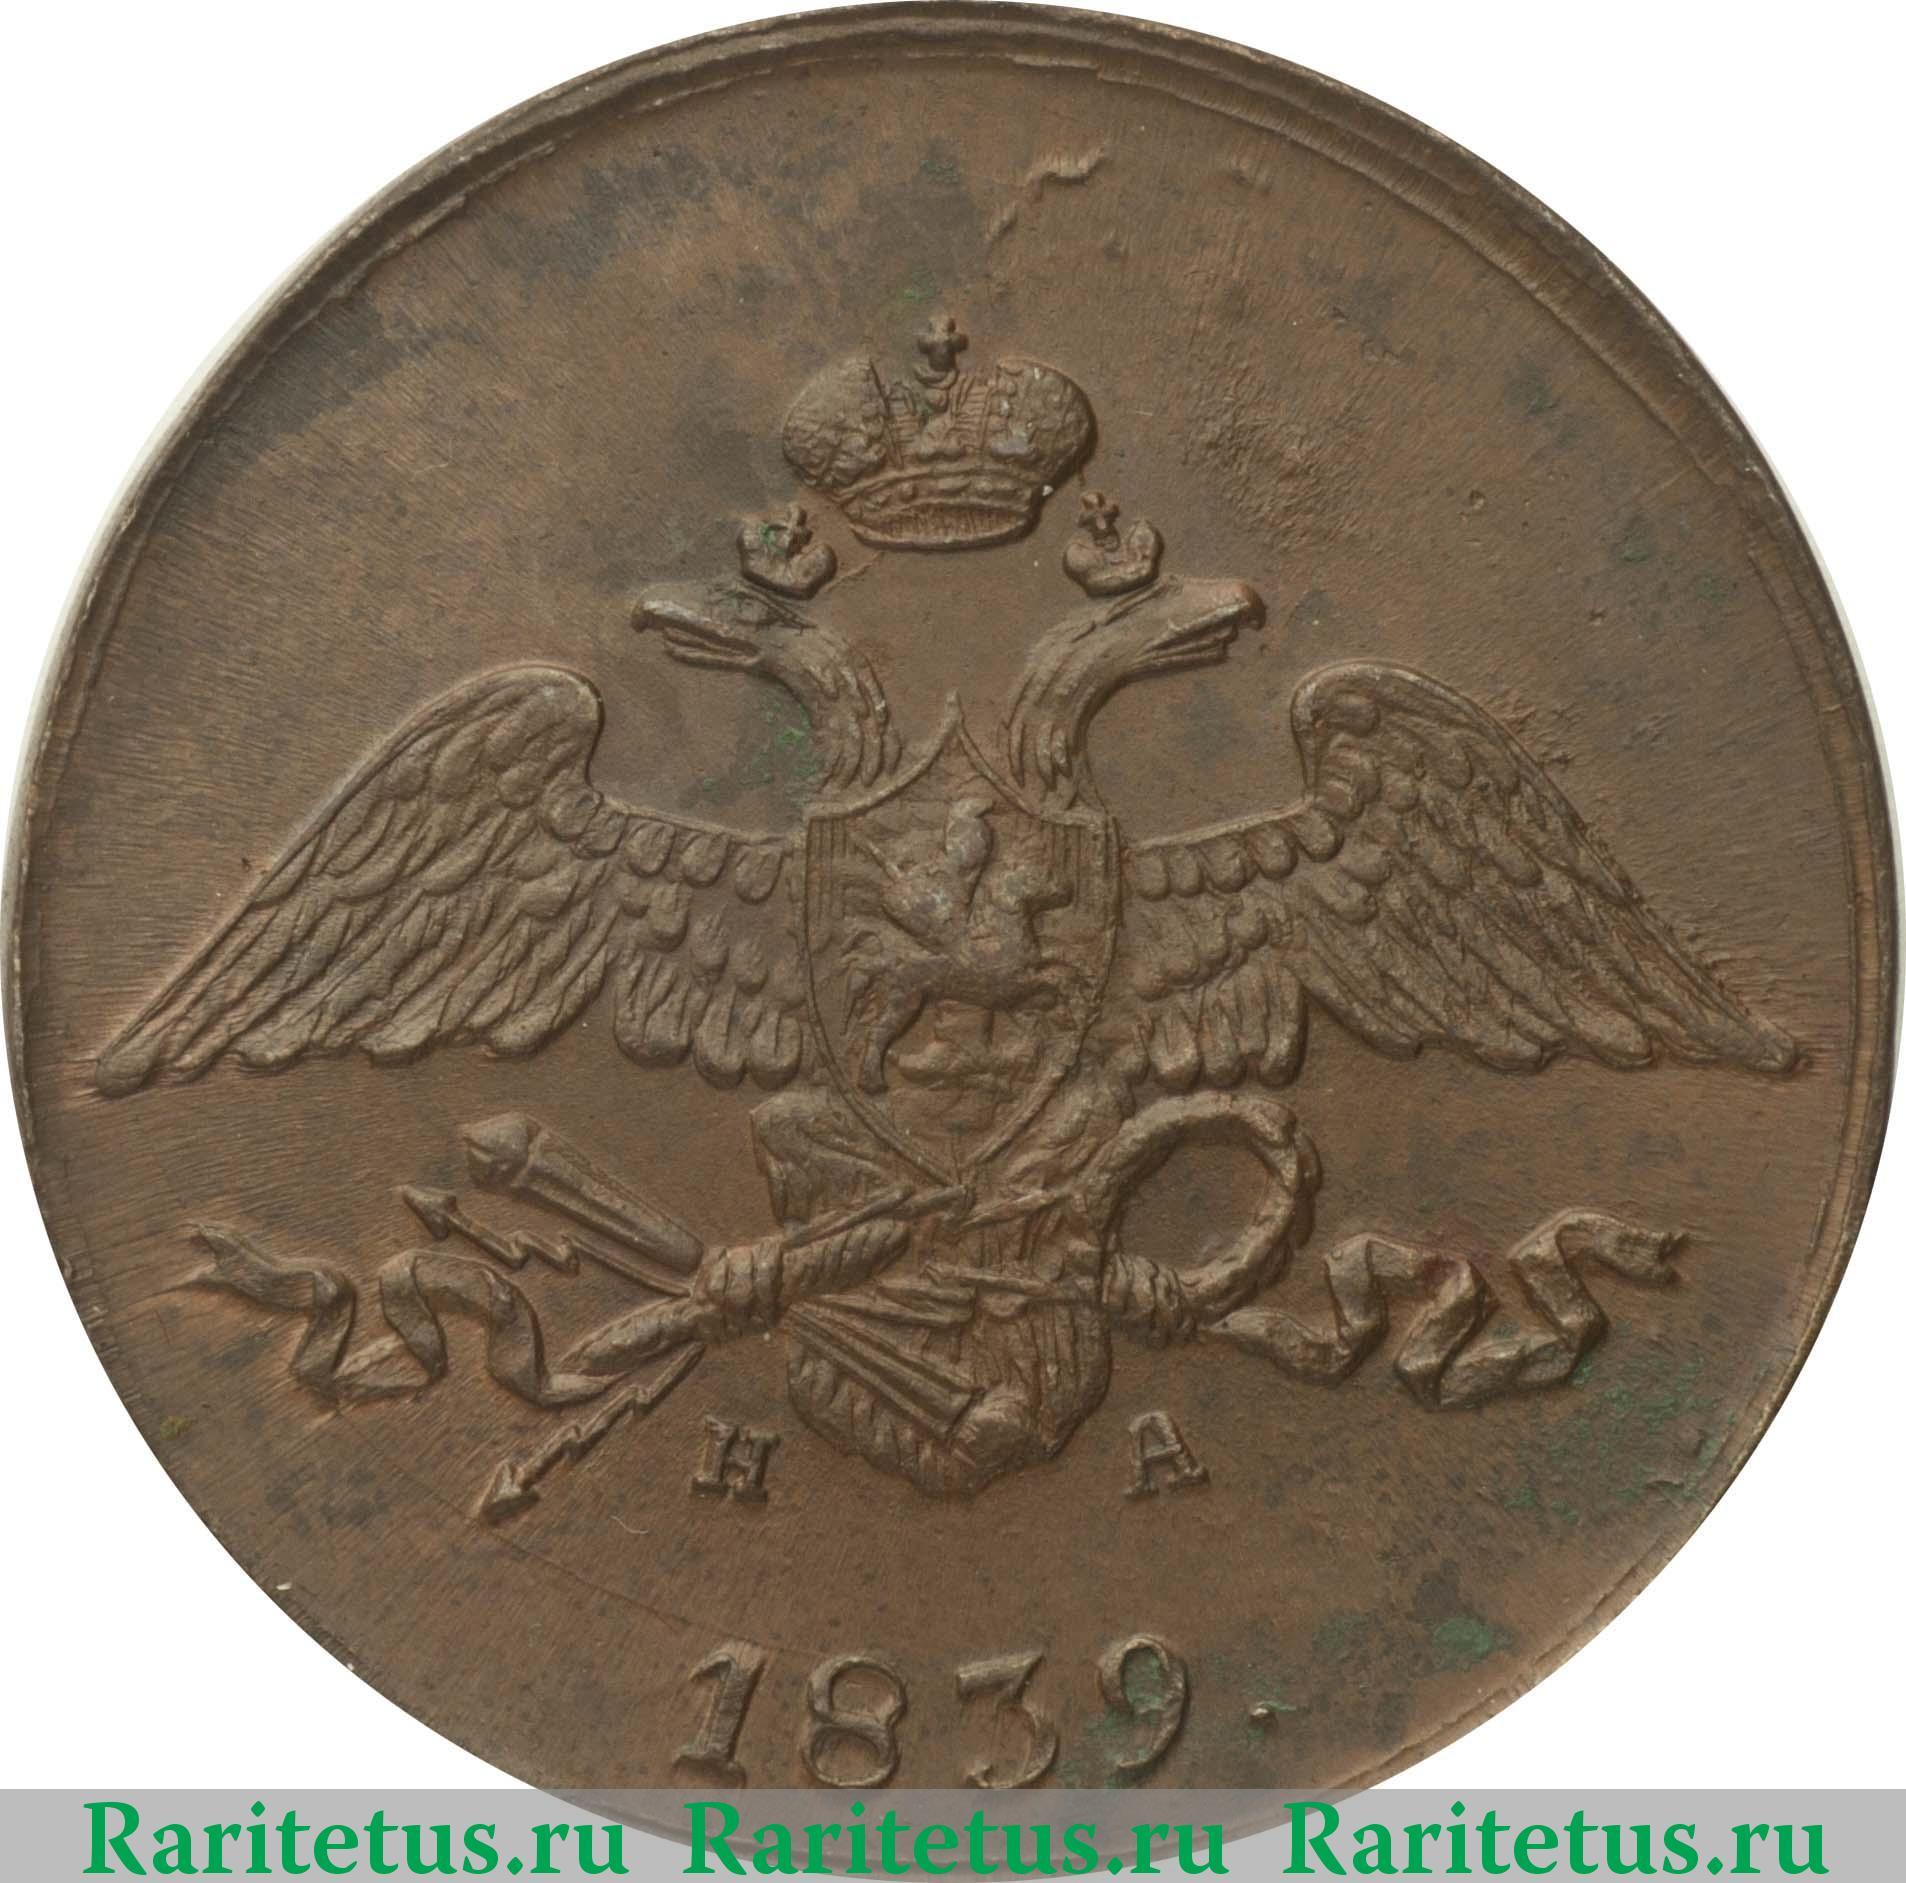 5 копеек 1839 года цена двадцать евро